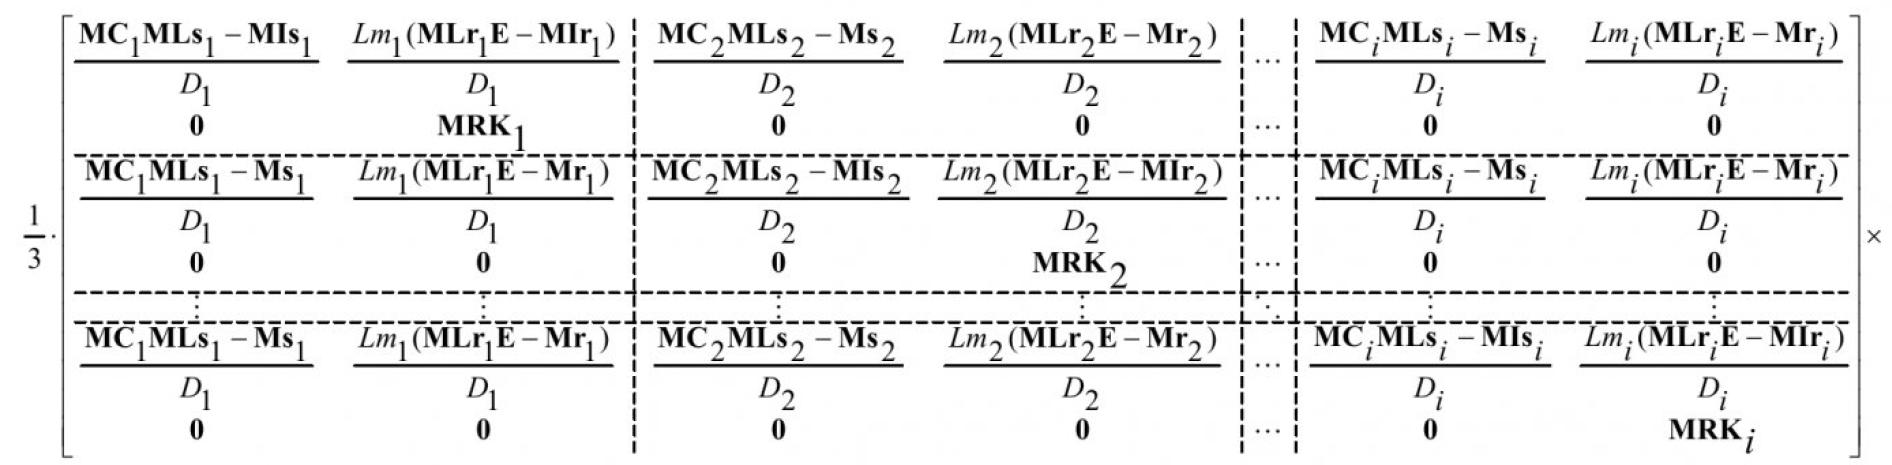 Модель типового модуля системы электроснабжения с коммутационной аппаратурой 5